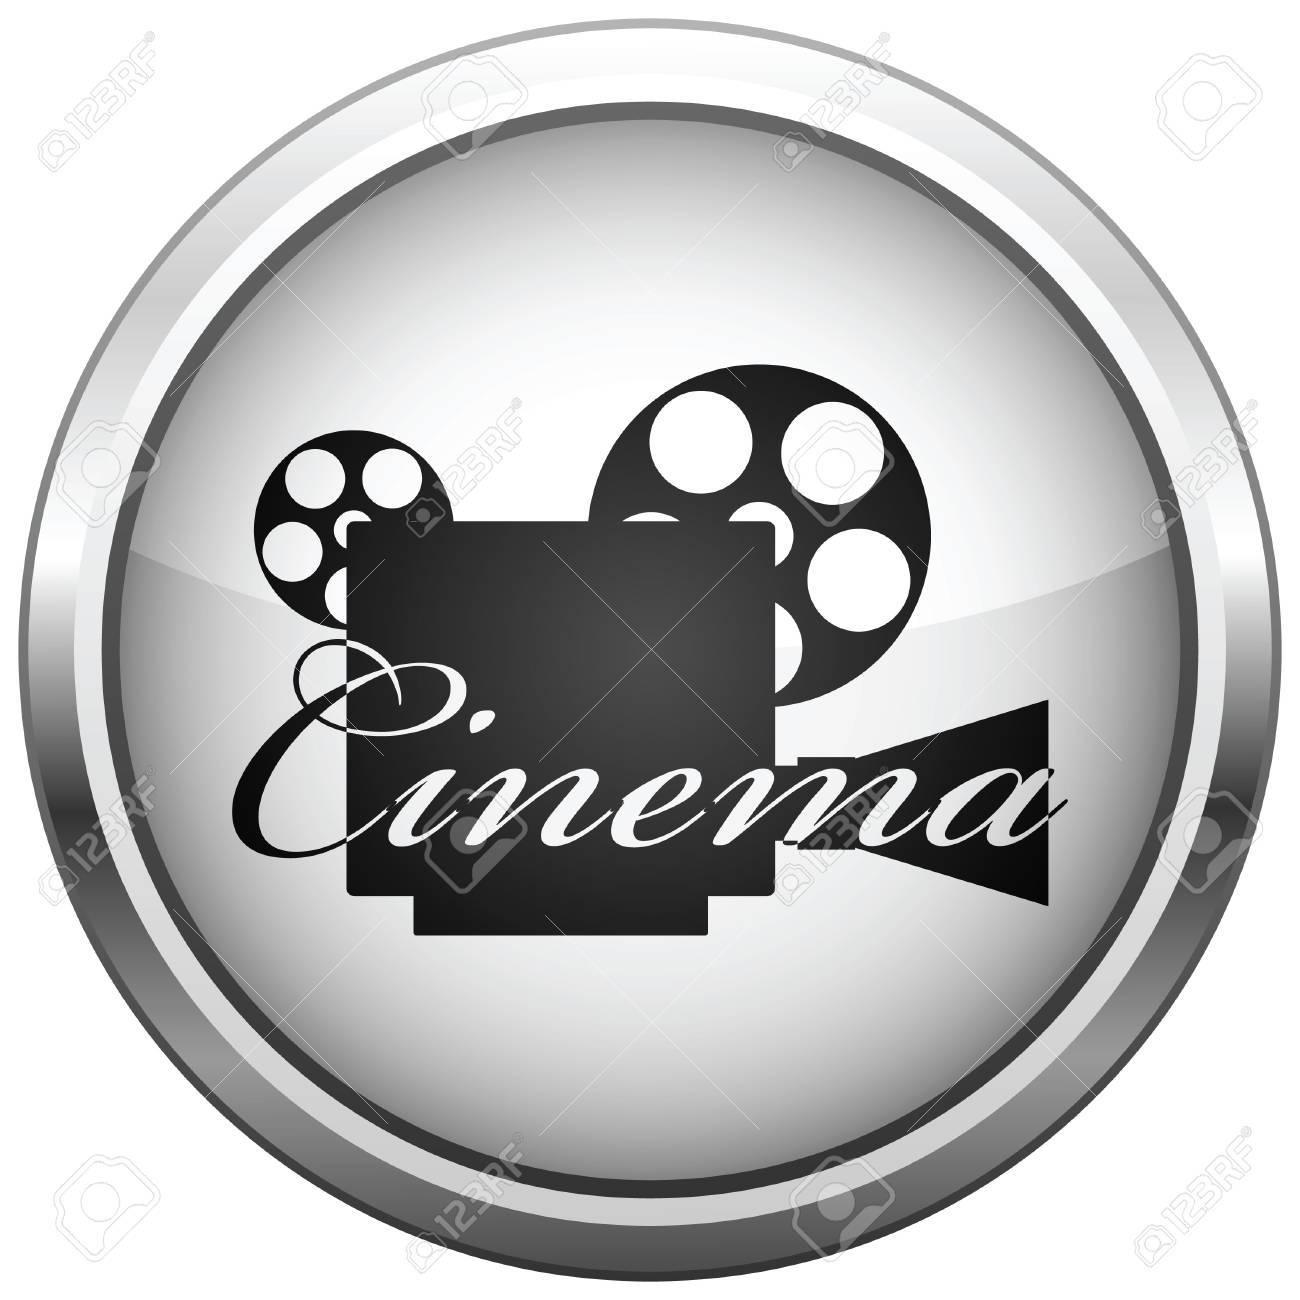 icon (button). The Video camera silhouette. Stock Vector - 6700319